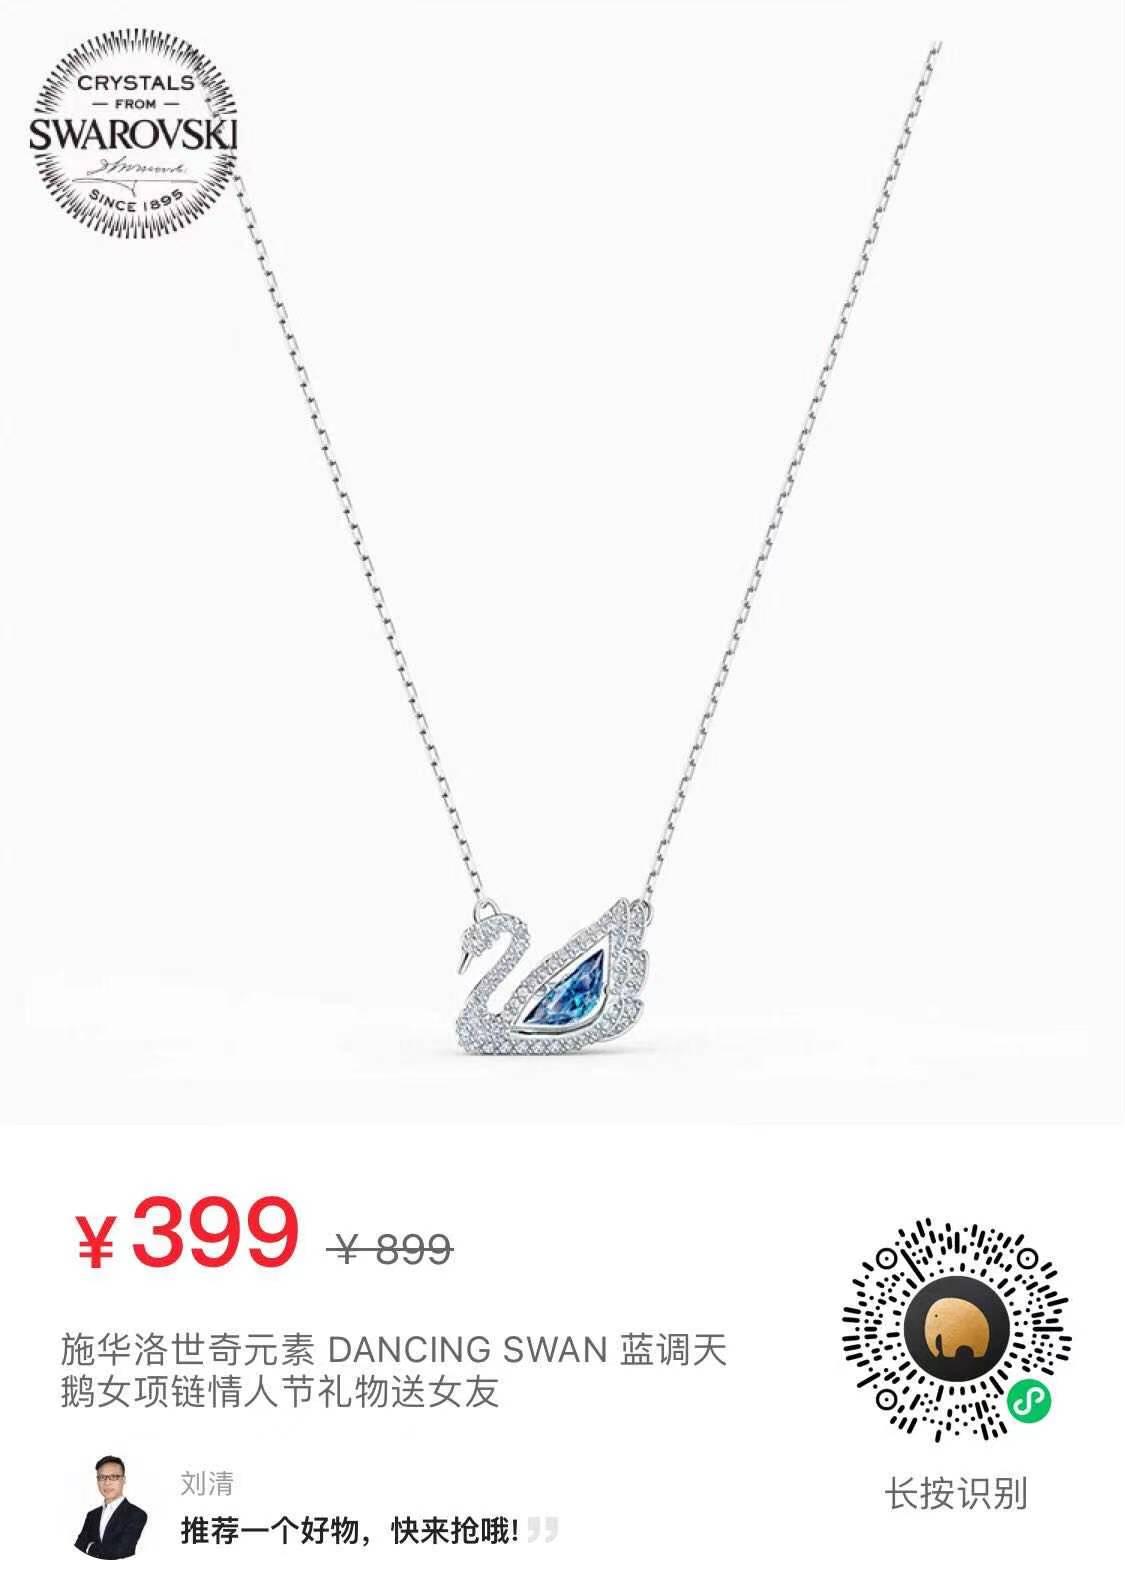 施华洛世奇元素水晶天鹅吊坠情人节礼物